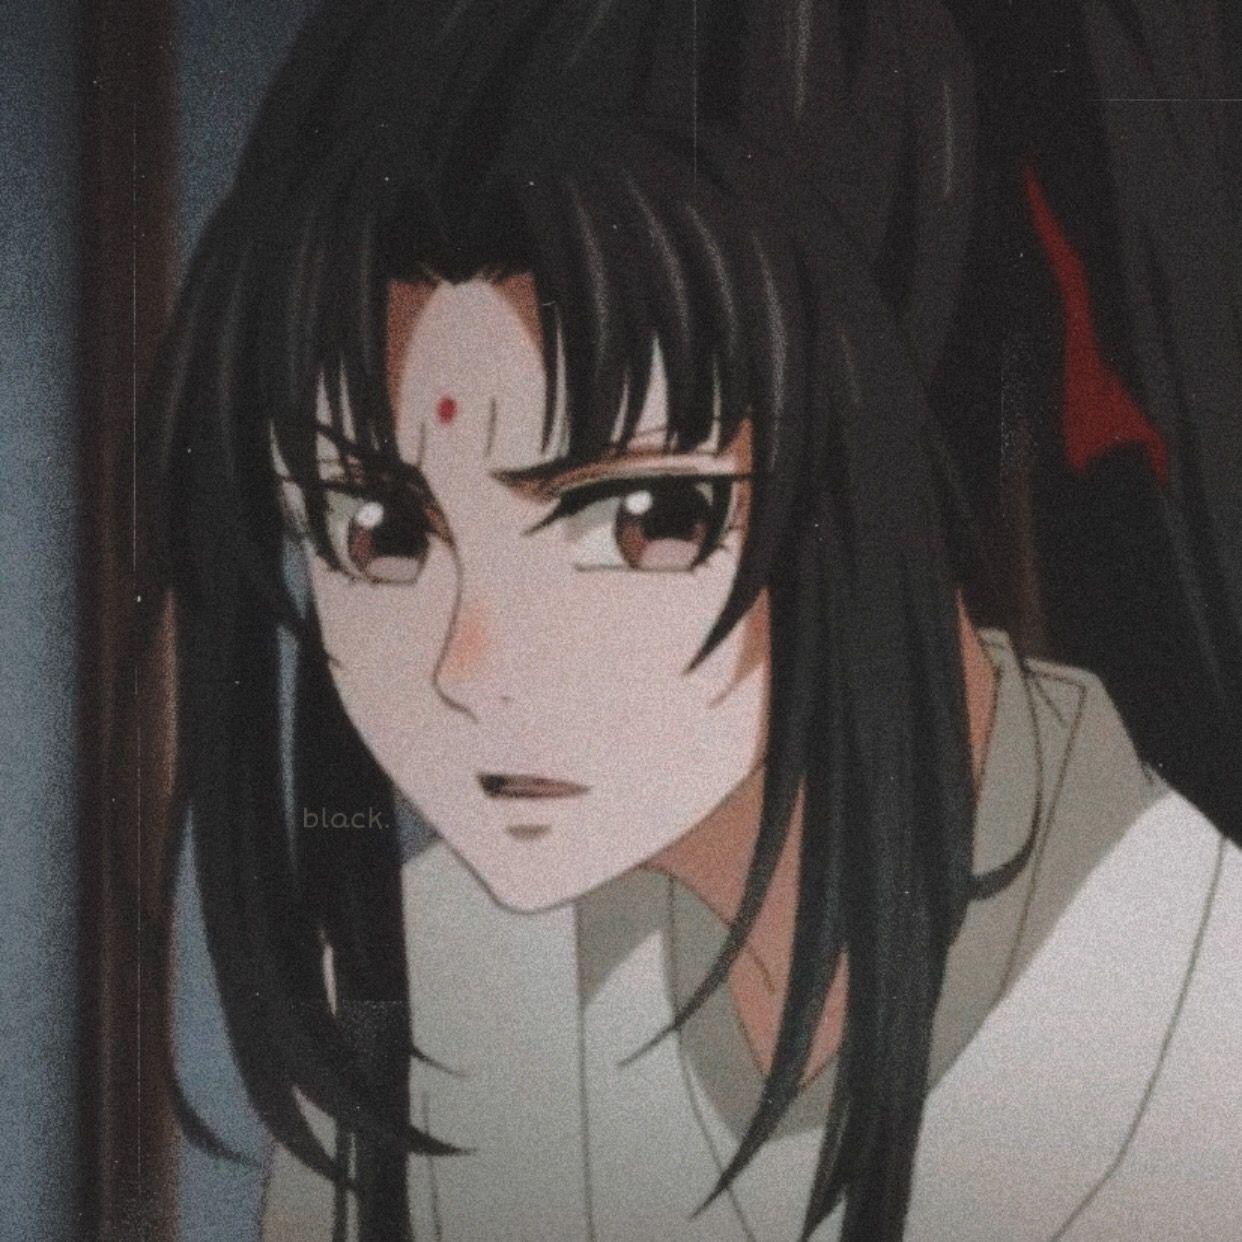 jin ling em 2020 Anime, Artistas, Ideias para personagens